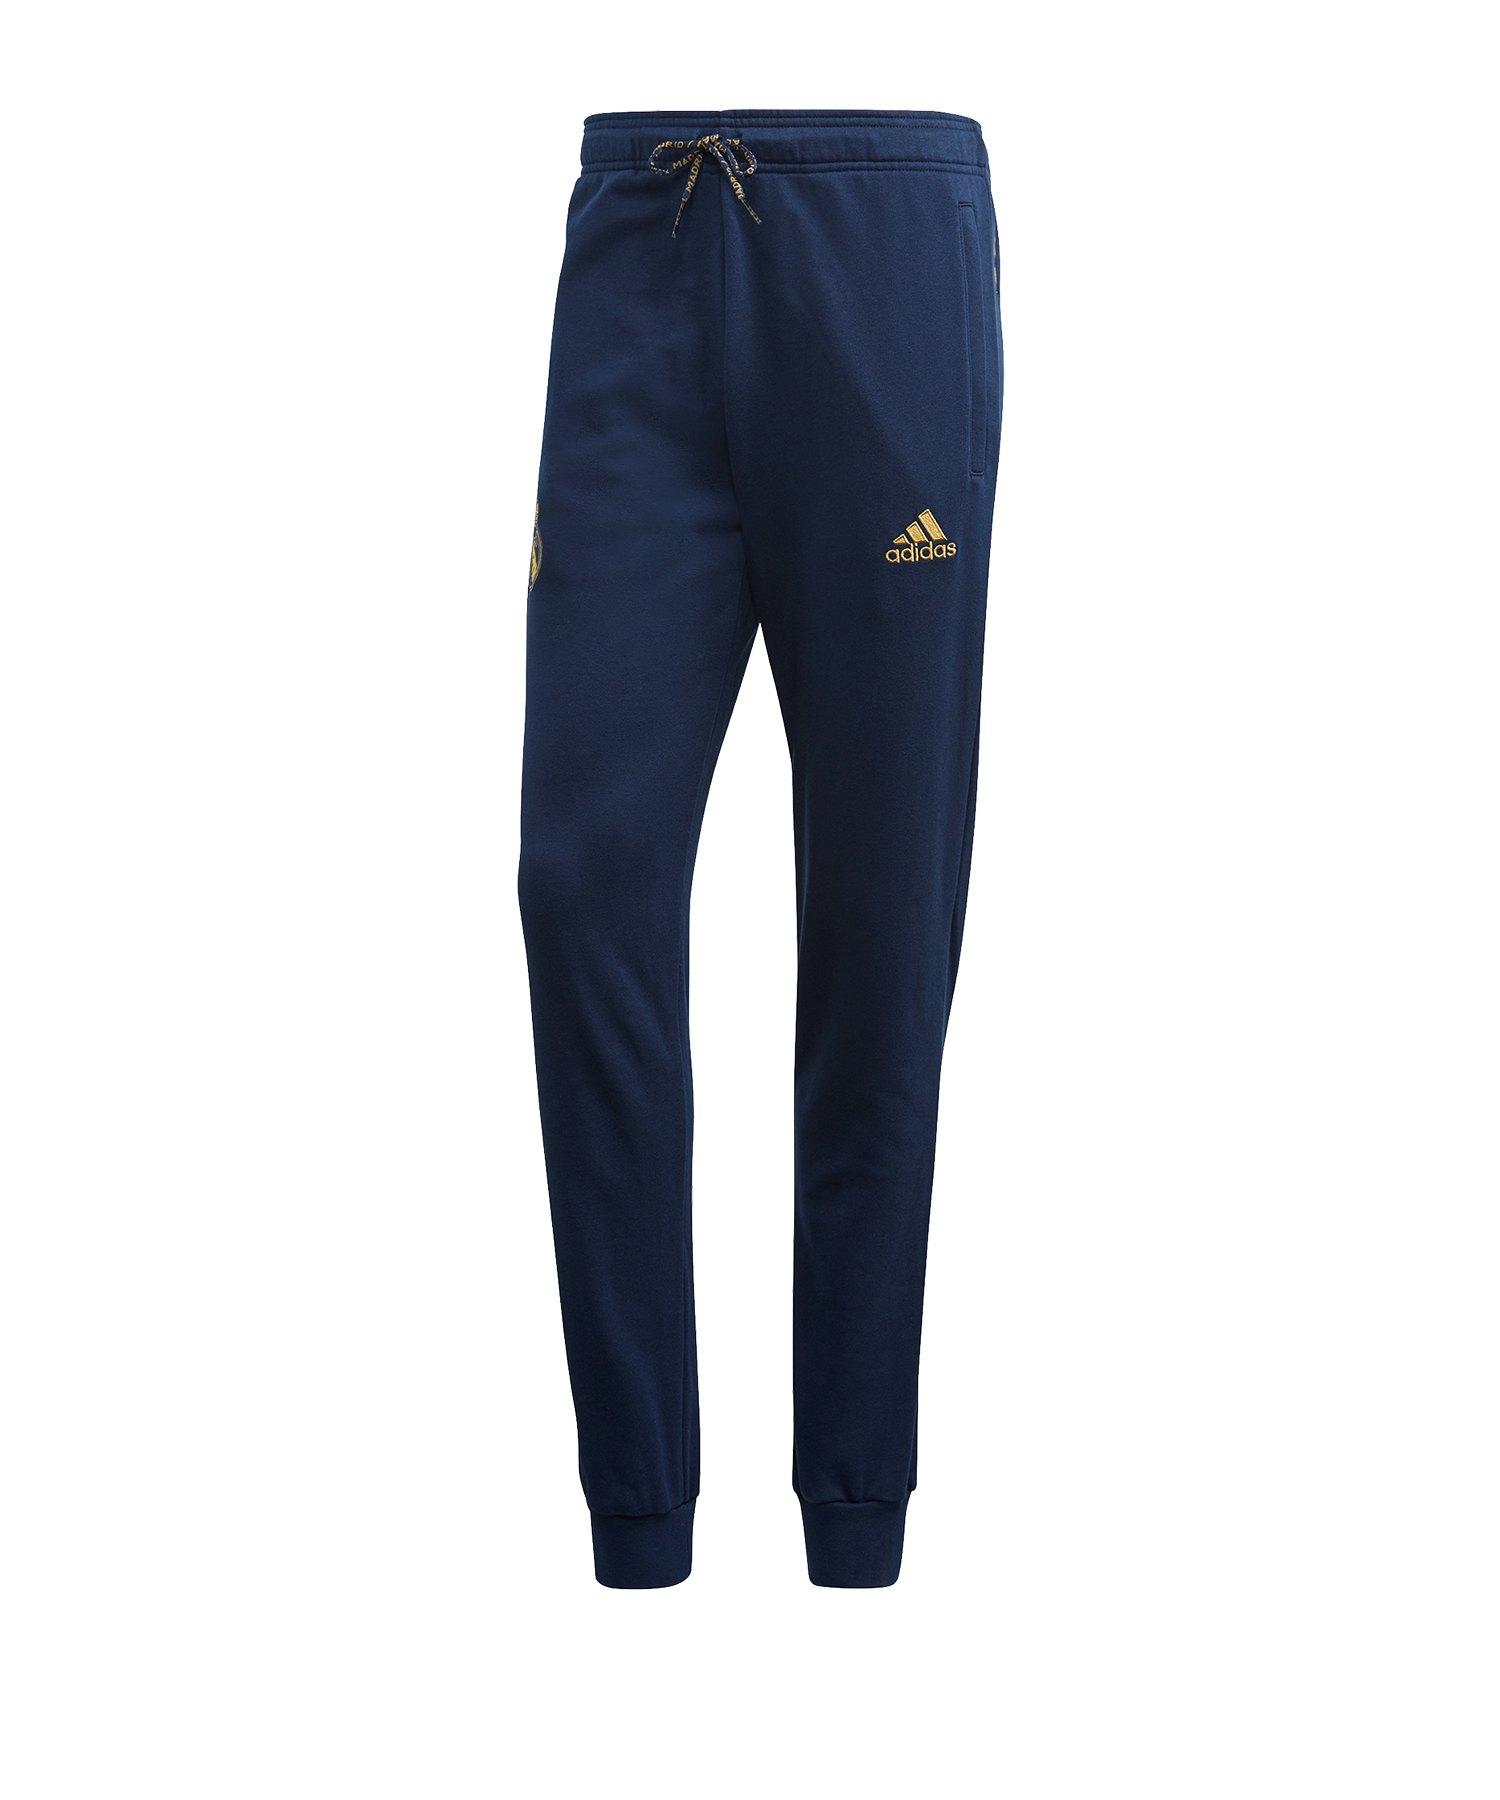 adidas Real Madrid CNY Sweatpant Hose Blau - blau